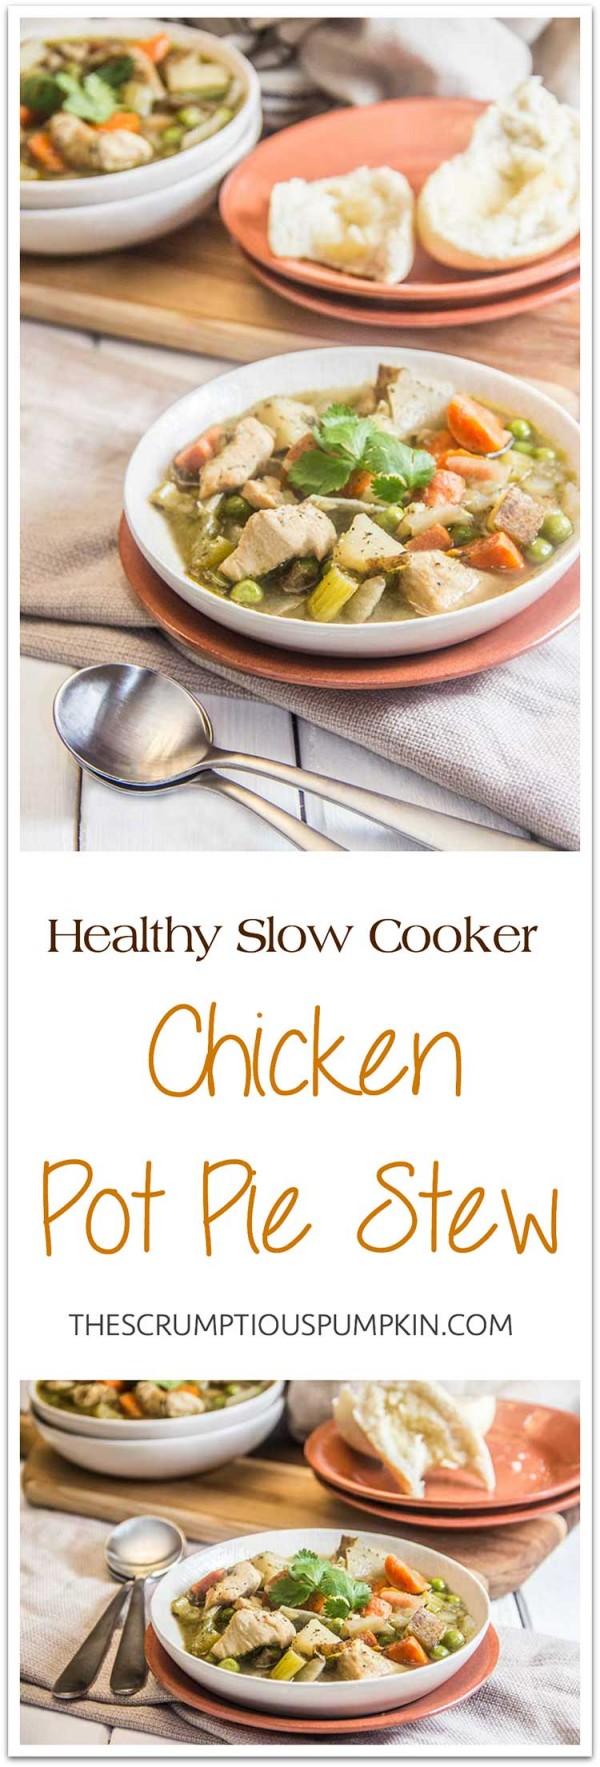 Slow Cooker Chicken Pot Pie Stew by The Scrumptious Pumpkin ...